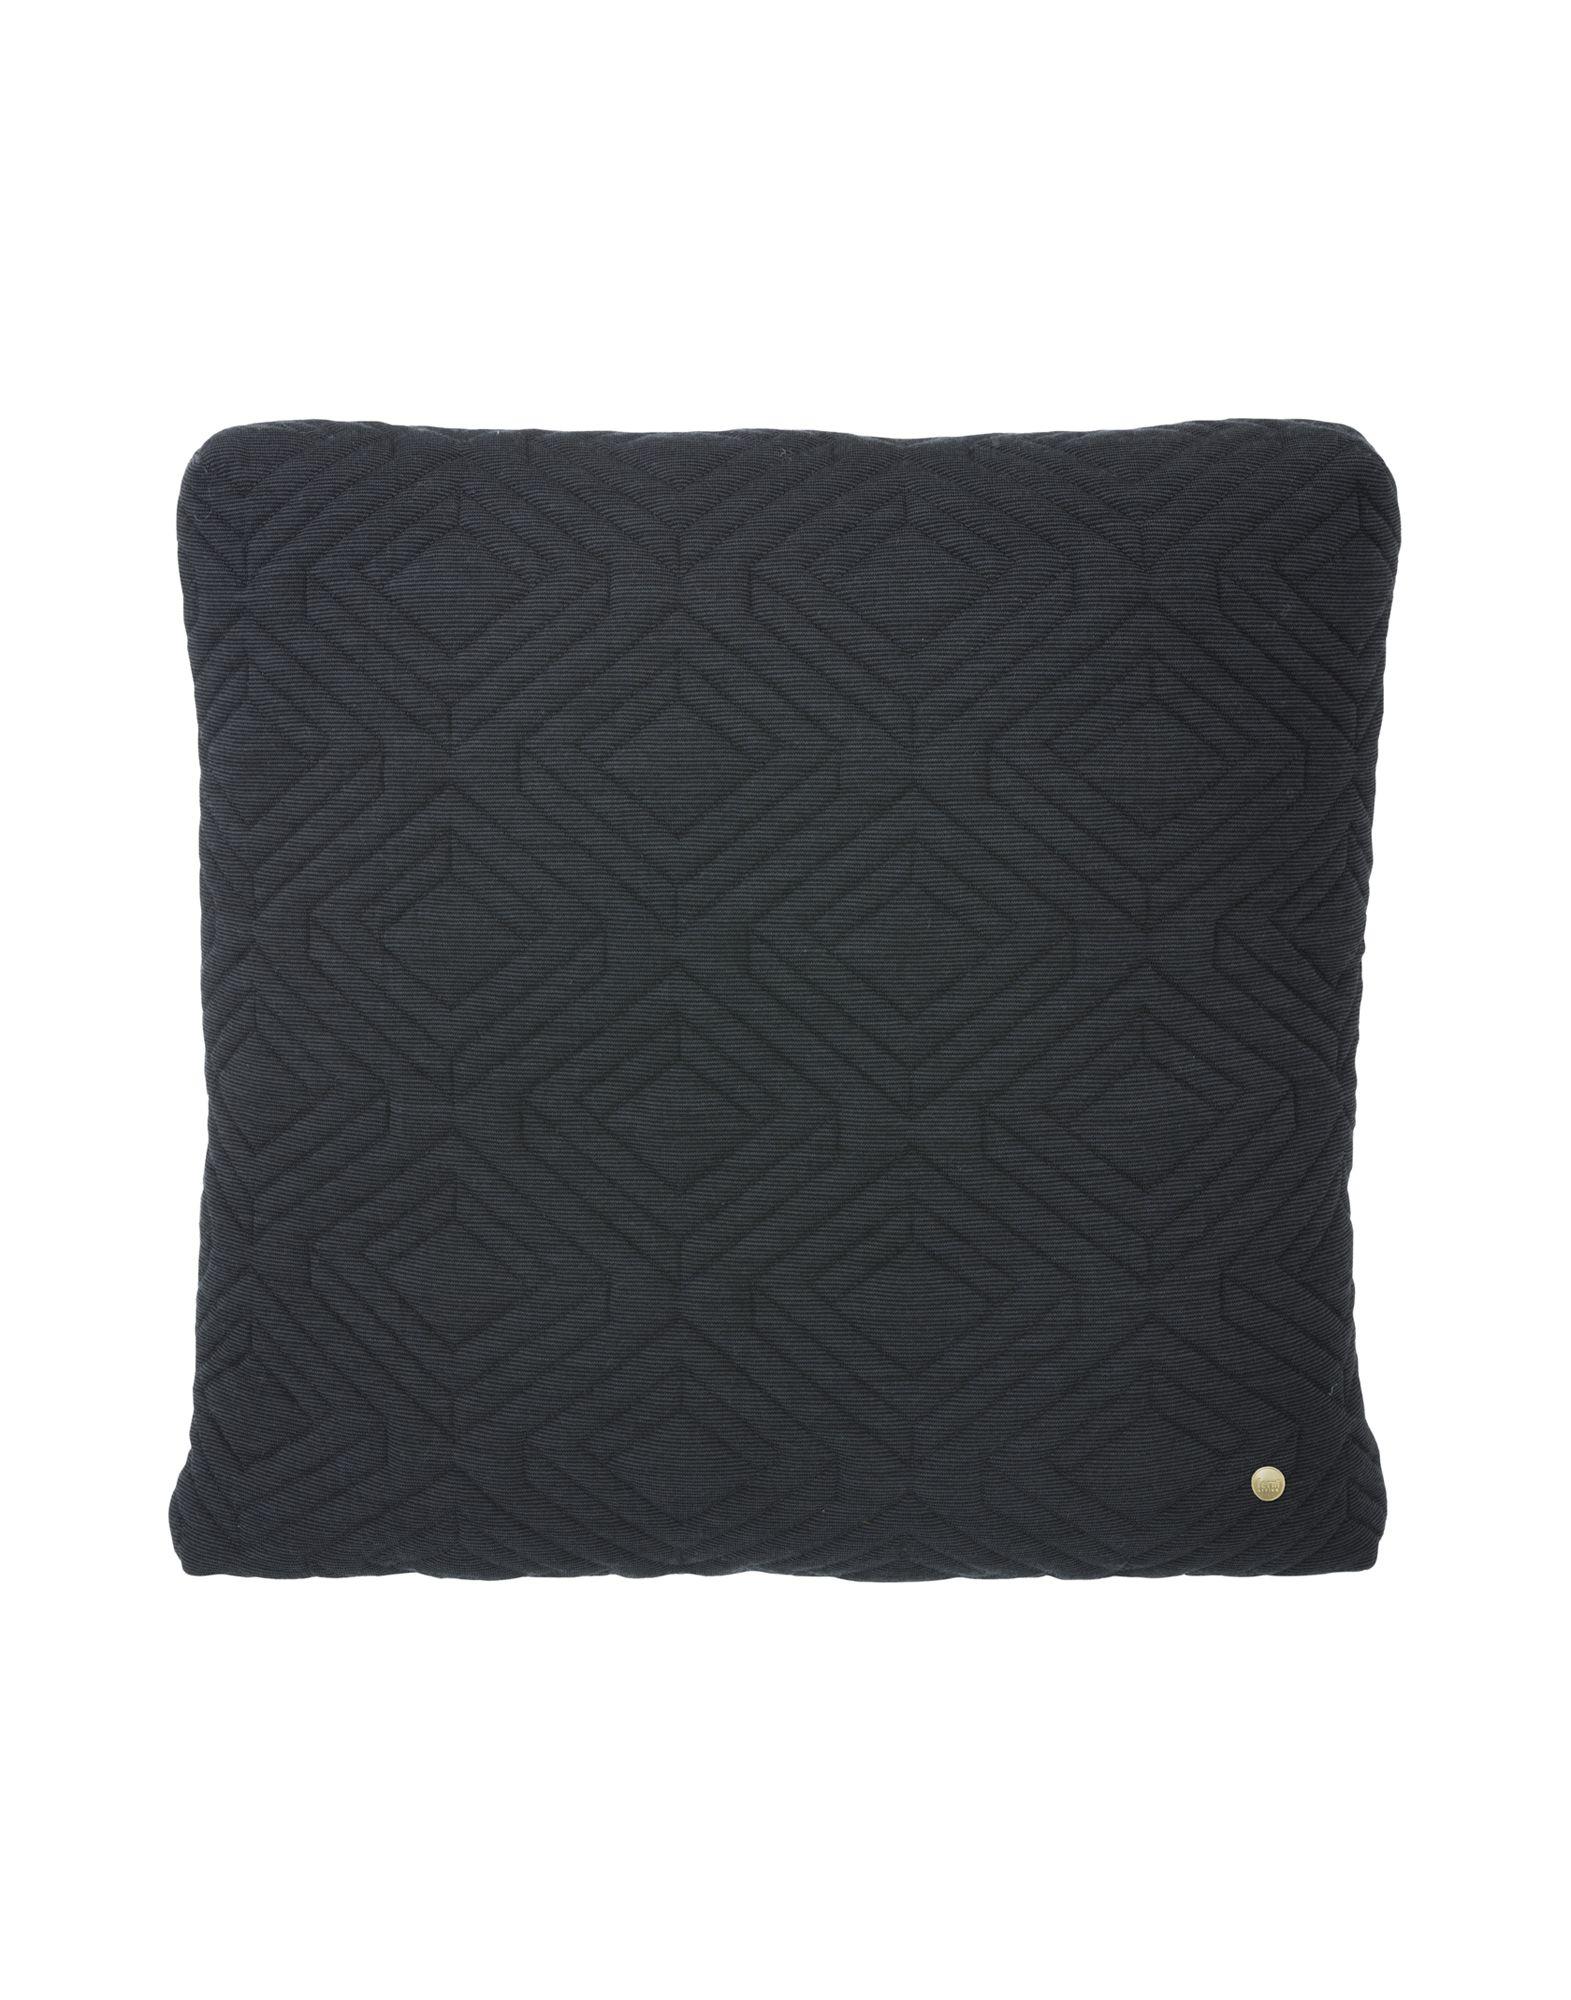 FERM LIVING Pillows   Home Accessories | YOOX.COM